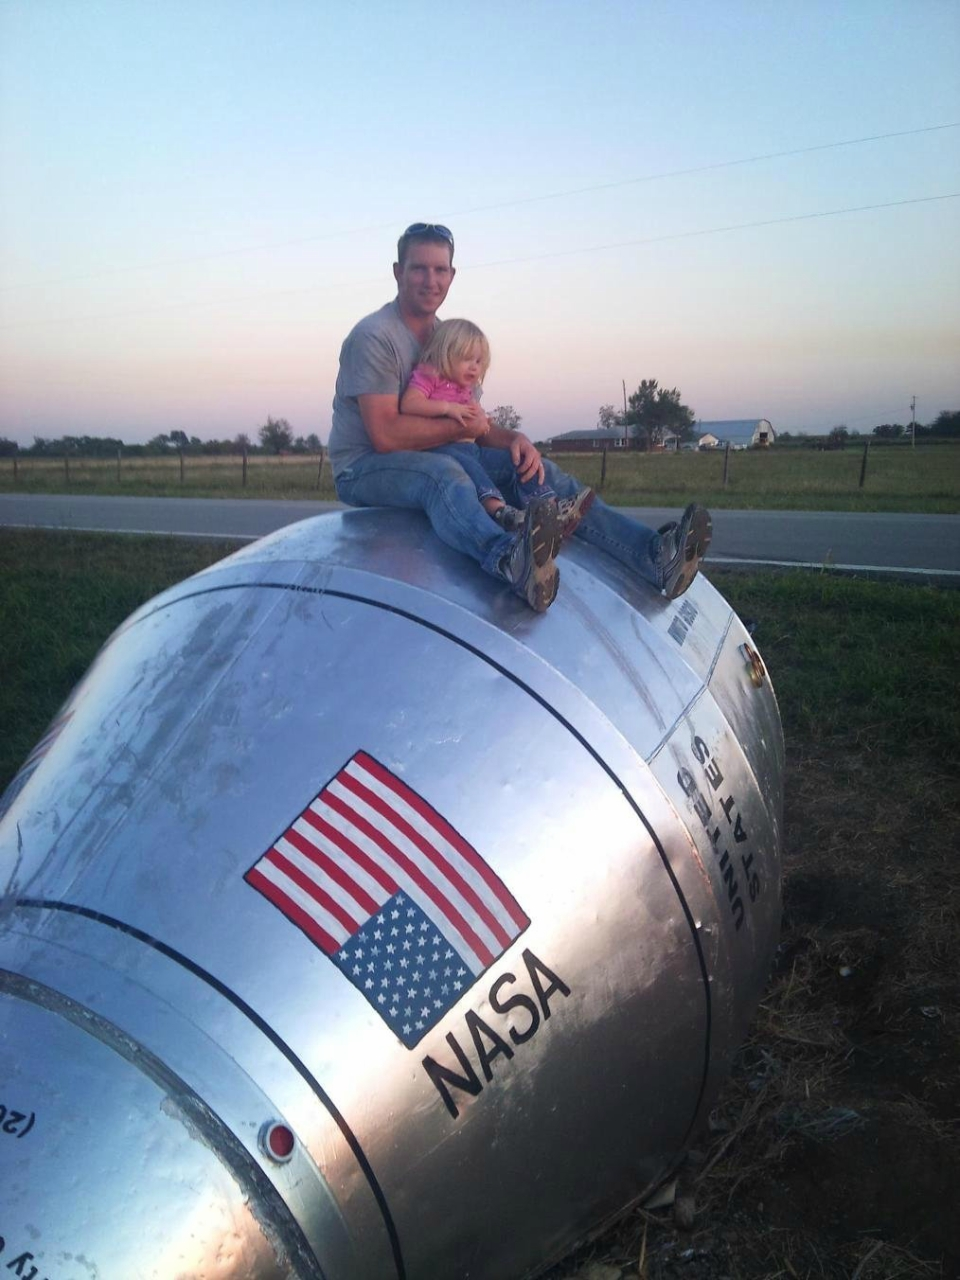 Как в канаве нашли космический корабль НАСА очень, дороги, бочку, космический, назад, которым, понравилась, Бочку, очистили, ржавчины, стельными, покрыли, листами, появились, муляжи, сопел, двигателя, также, некоторые, соседи